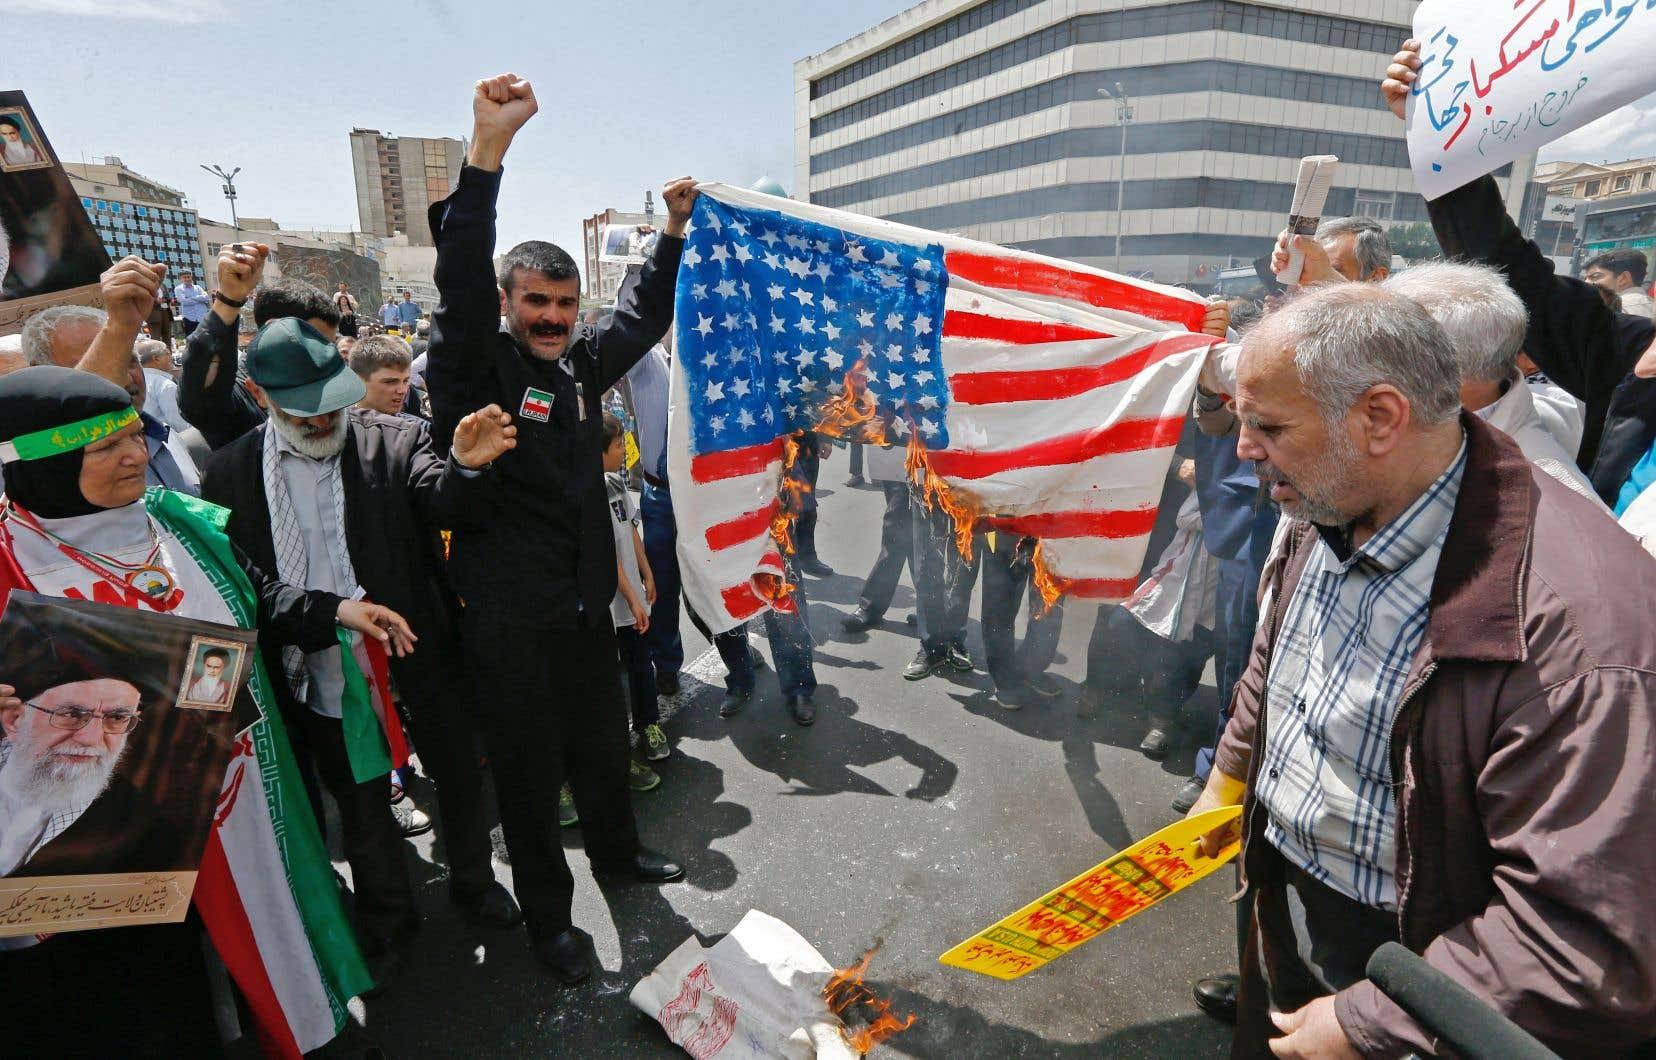 L'escalade des tensions entre les États-Unis et l'Iran a déclenché mercredi des mesures de précaution spectaculaires.